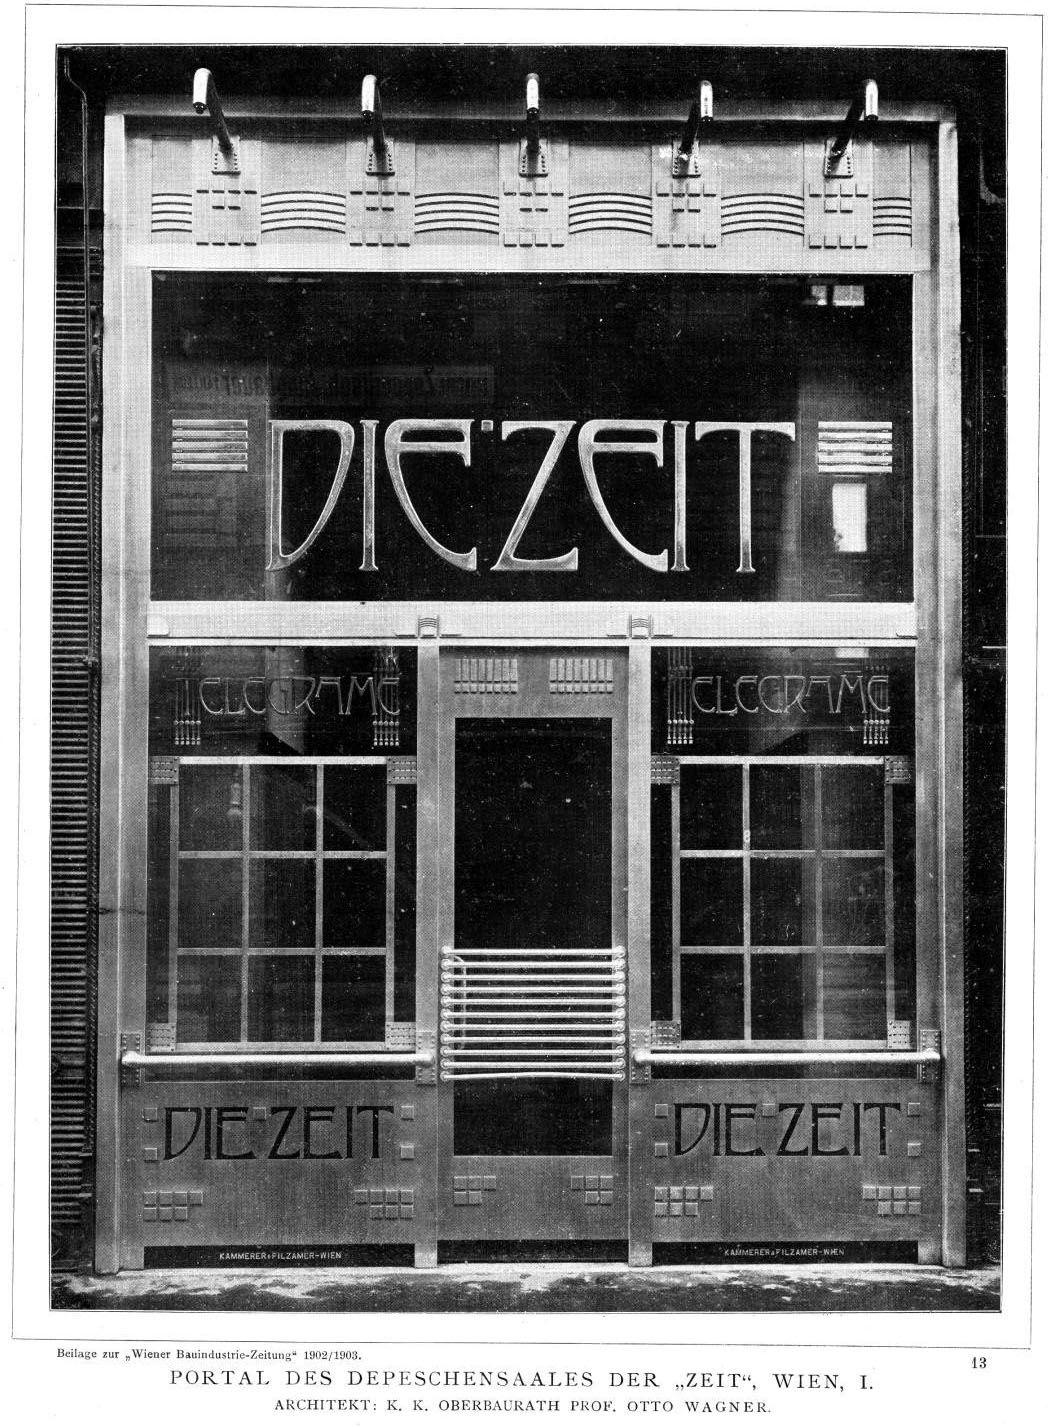 The telegram office for the newspaper Die Zeit, Vienna